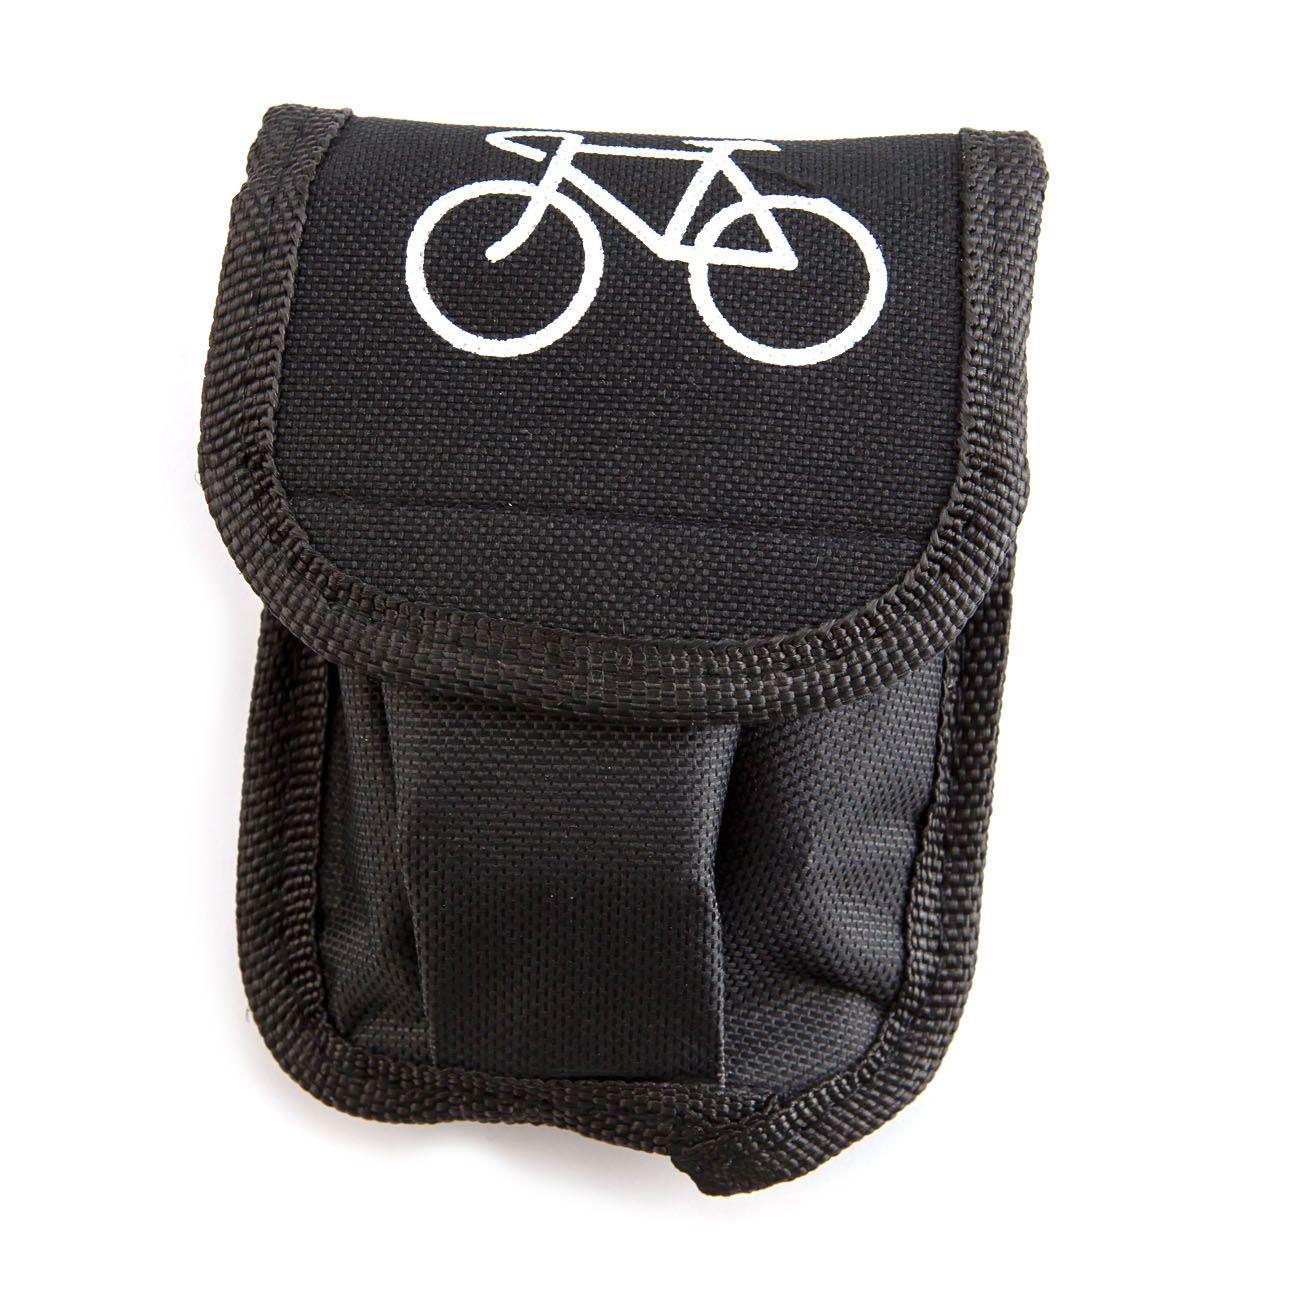 Kit Chaves e Reparo Bike WS-007 com Bolsa  - Comprando & Pescando